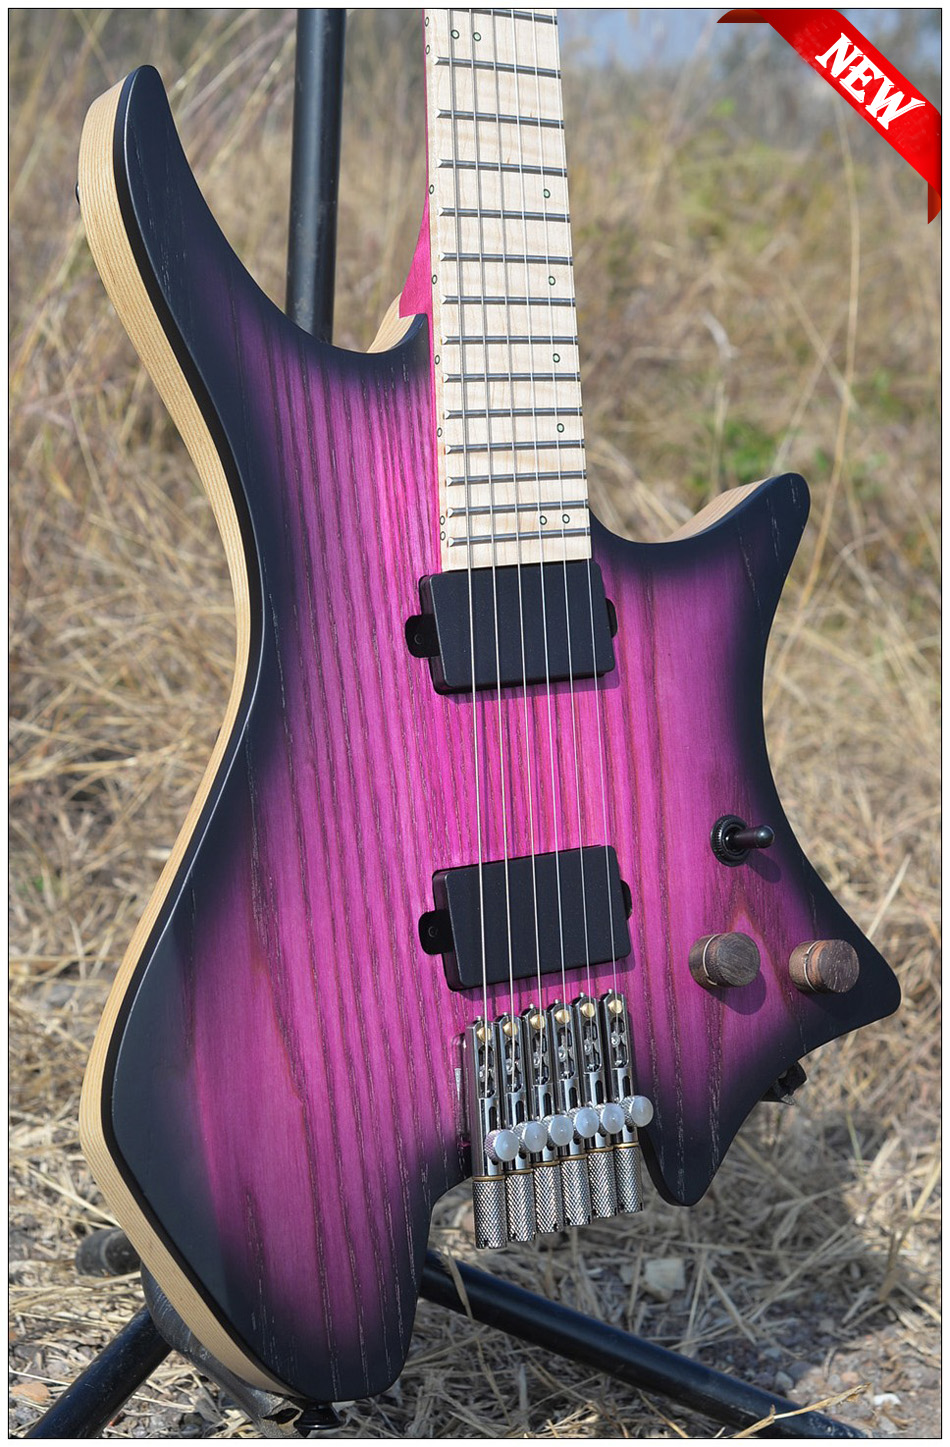 2018 Nouveau NK Sans Tête guitare Attisé Frette guitares steinberger style Modèle éclat Violet Couleur Flamme manche érable Guitare livraison gratuite